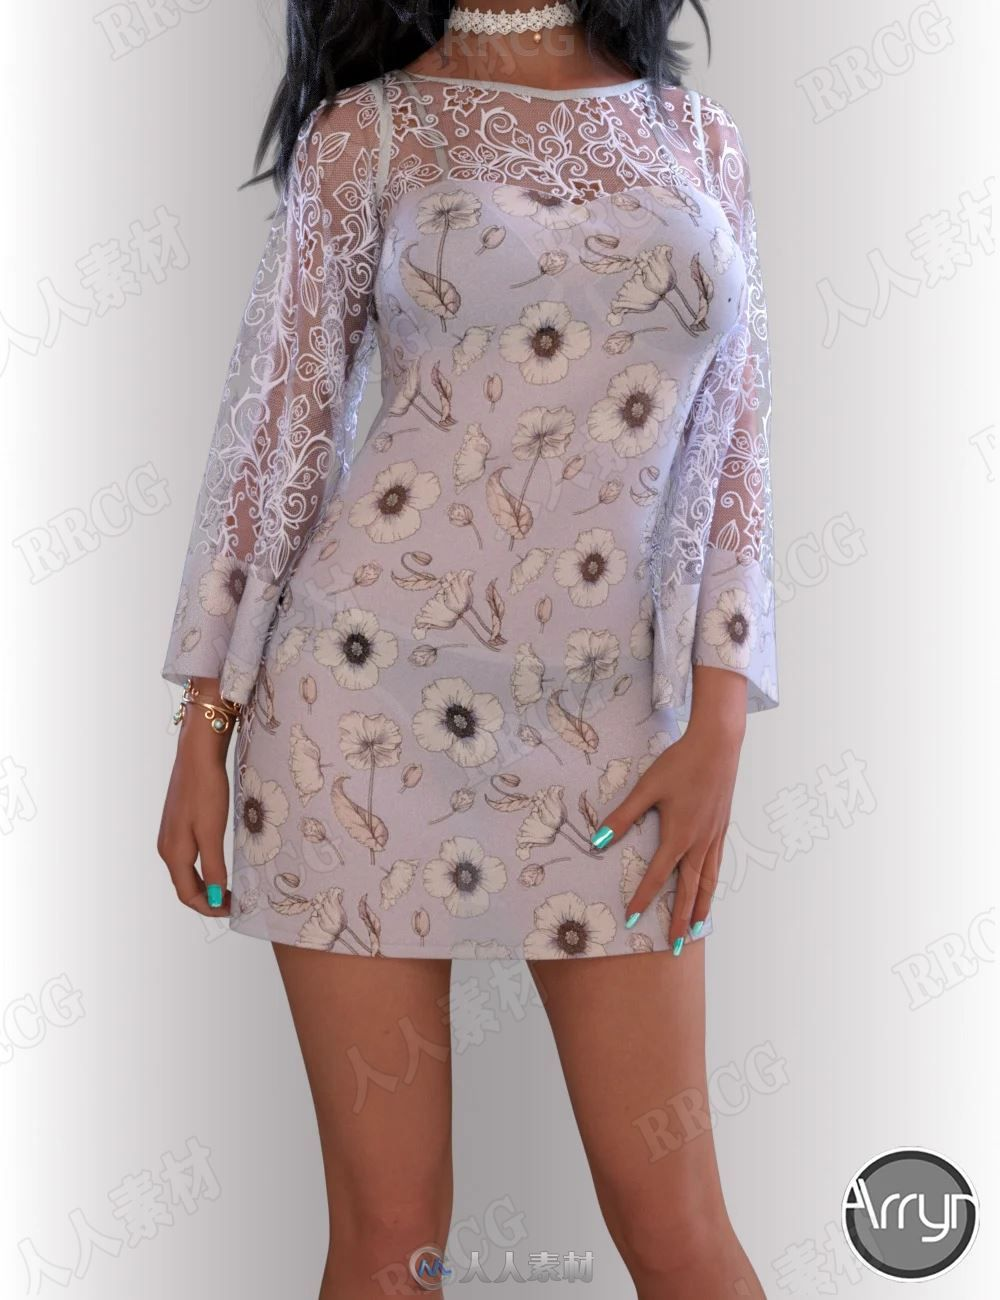 蕾丝微透女性优雅花朵图案连衣裙服饰套装3D模型合集